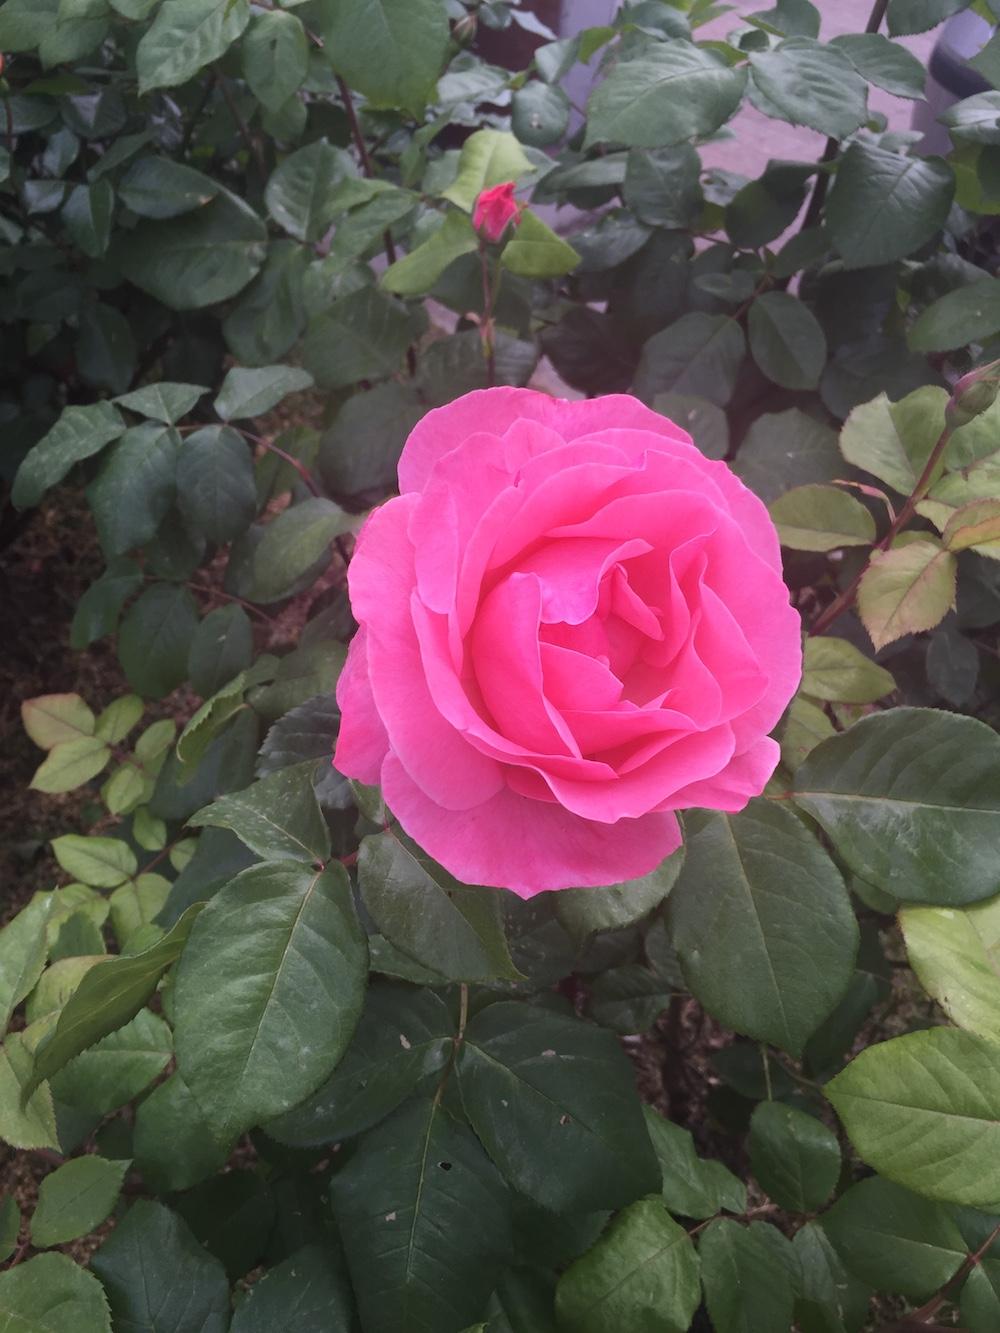 rosa fiorgialli zoncole palma silvestri isola del giglio giglionews